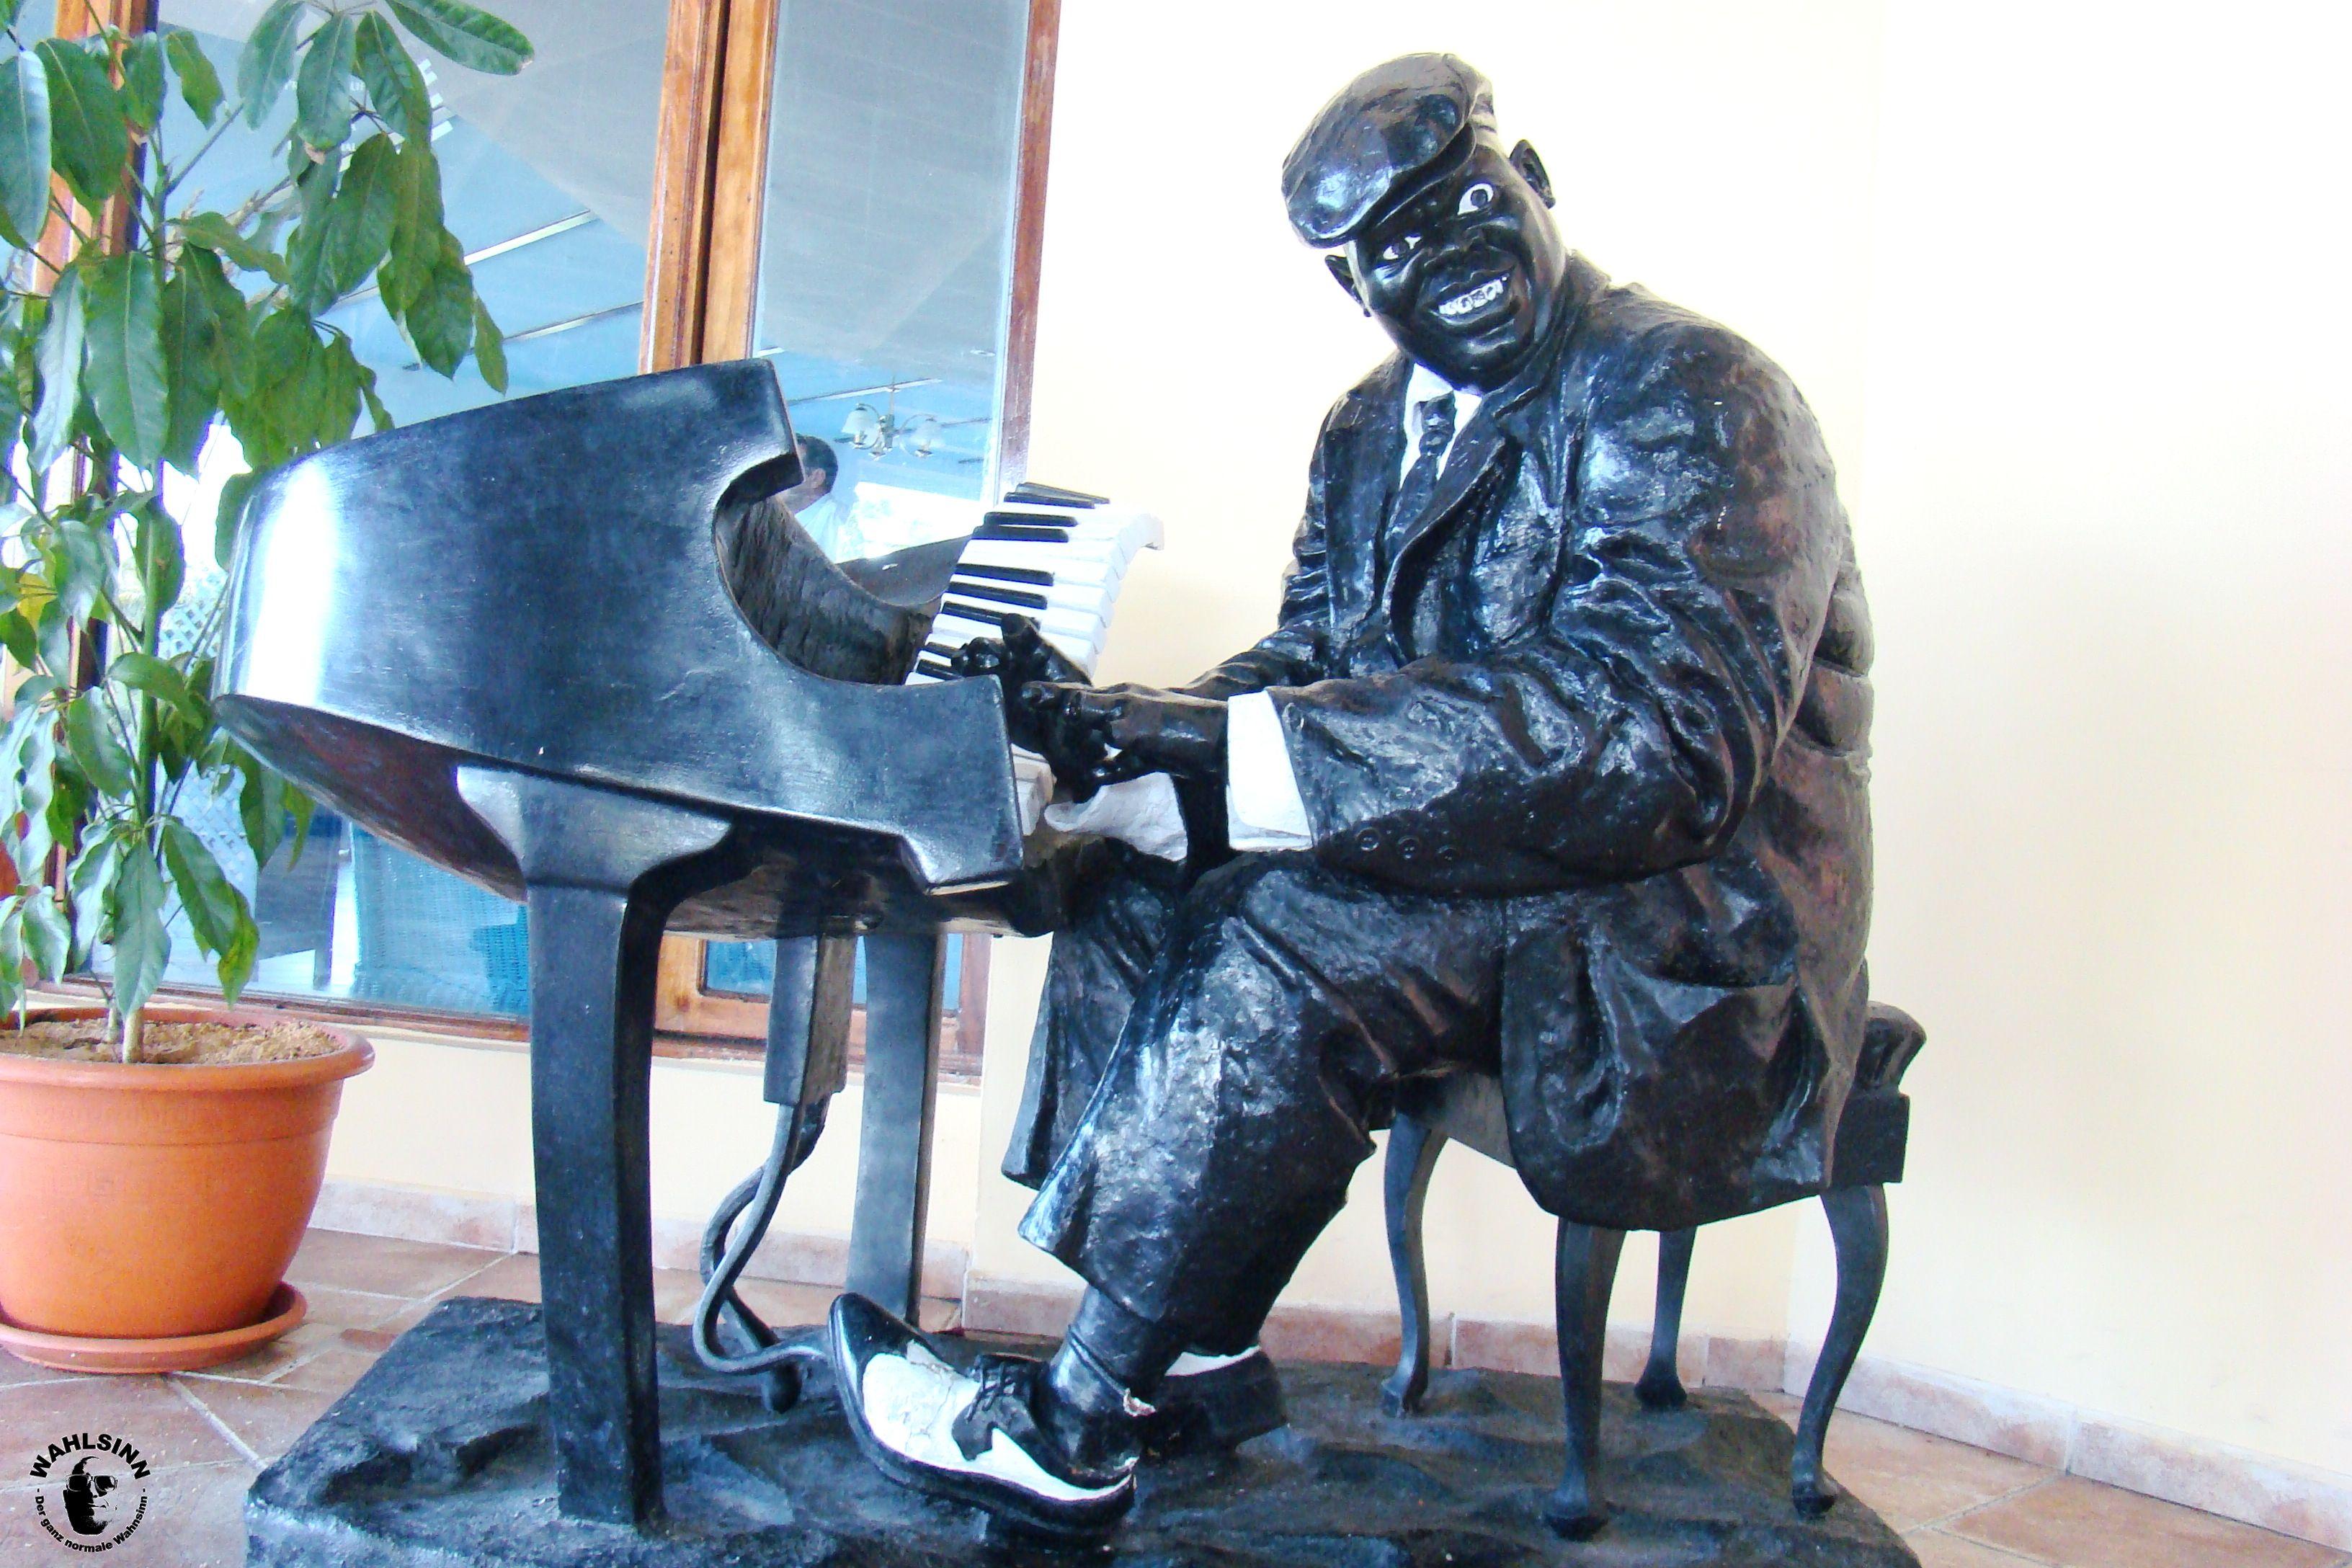 Klavierspieler in der Lobby des Hotels Tryp Cayo Coco auf Kuba